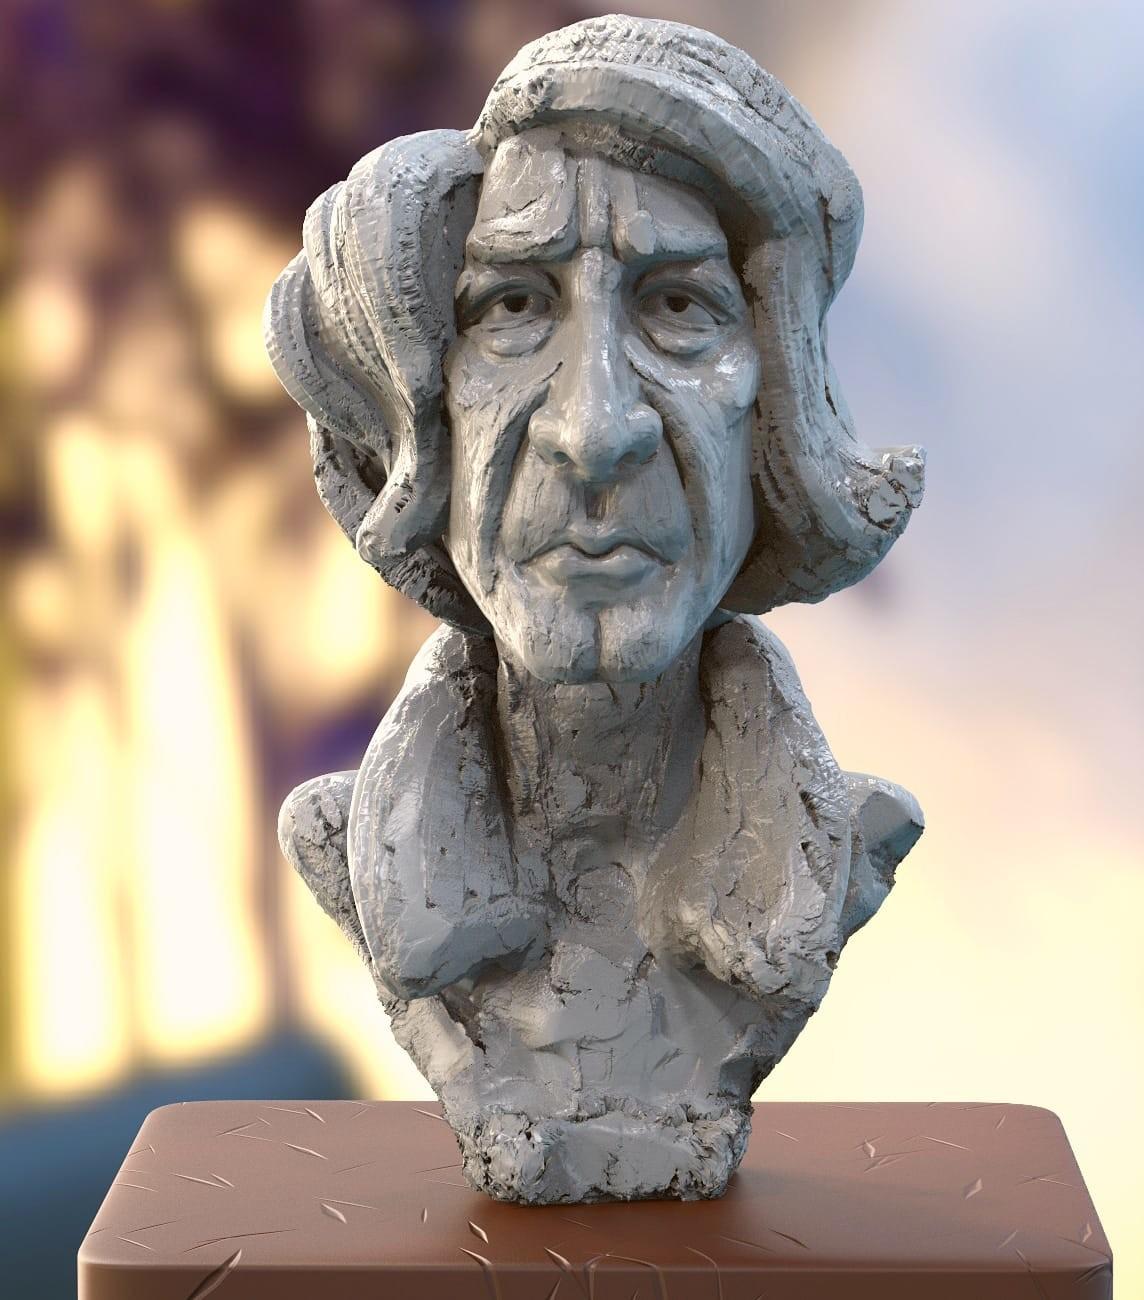 Surajit sen poet quick sculpt surajitsen 18072018 209 ins